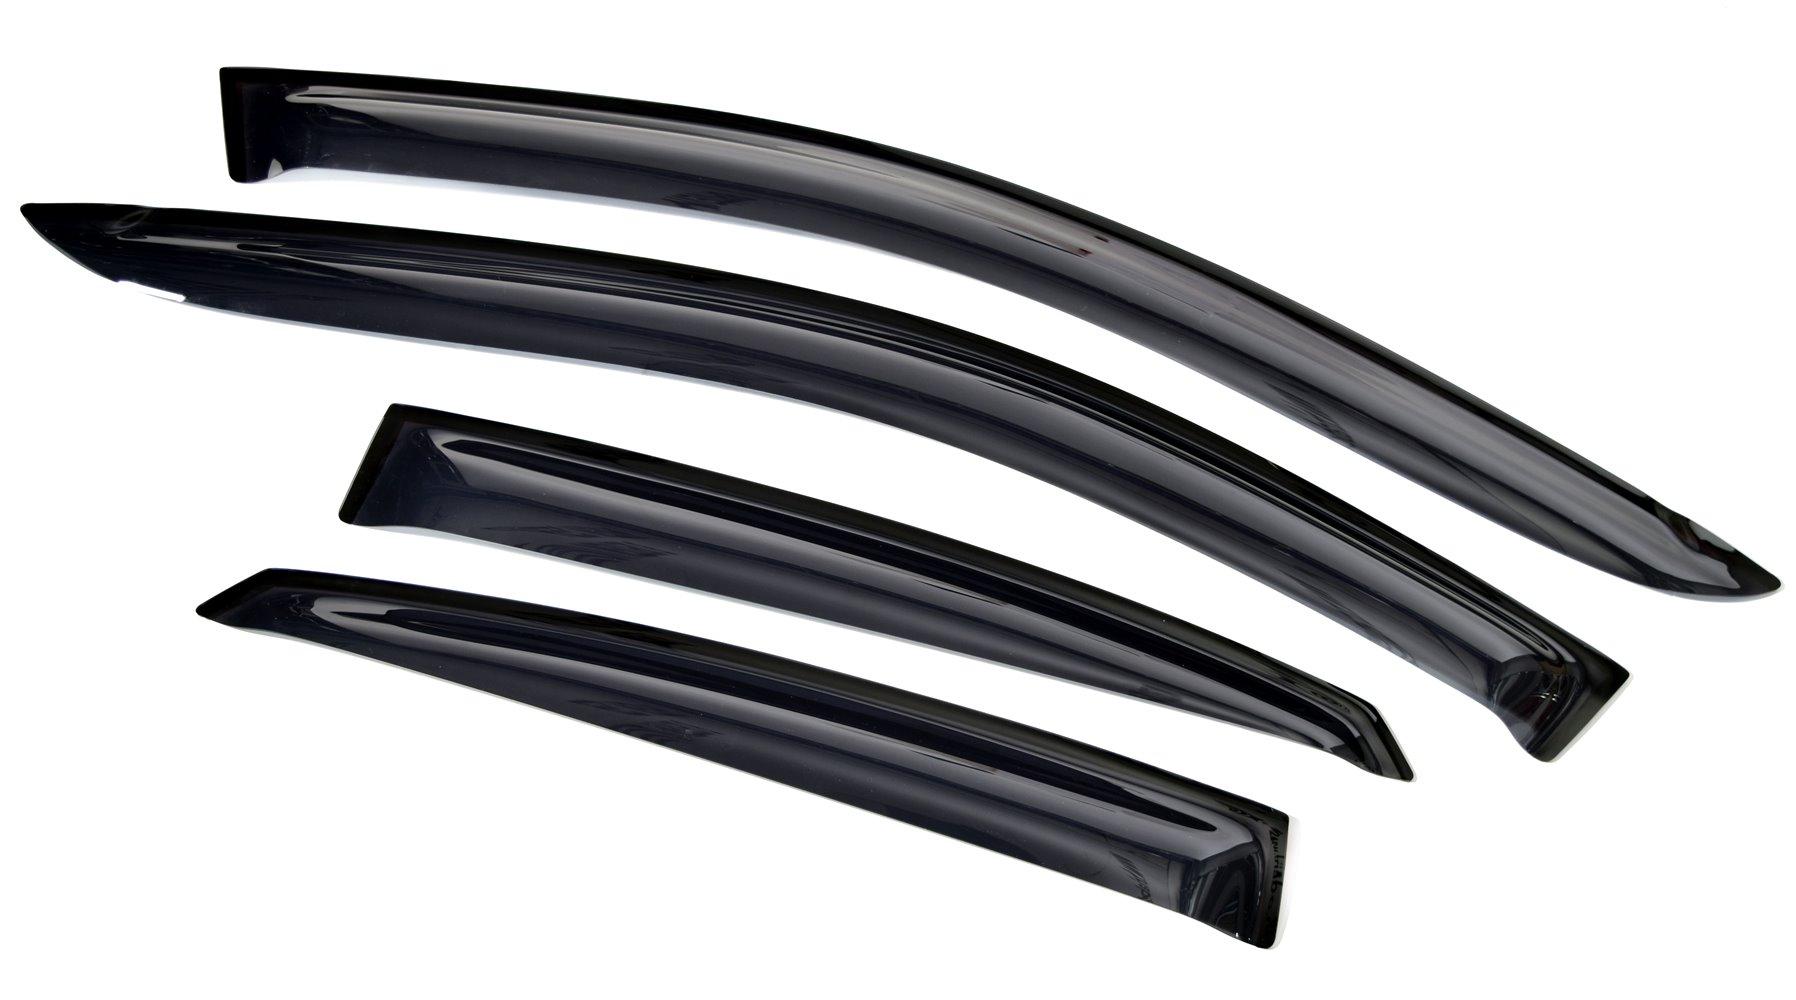 Ветровик SIM Дефлекторы боковых окон Daewoo Gentra(2013-) (4ч.темн) дефлекторы окон autofamily sim daewoo matiz 2006 комплект 4шт nld sdamat0632